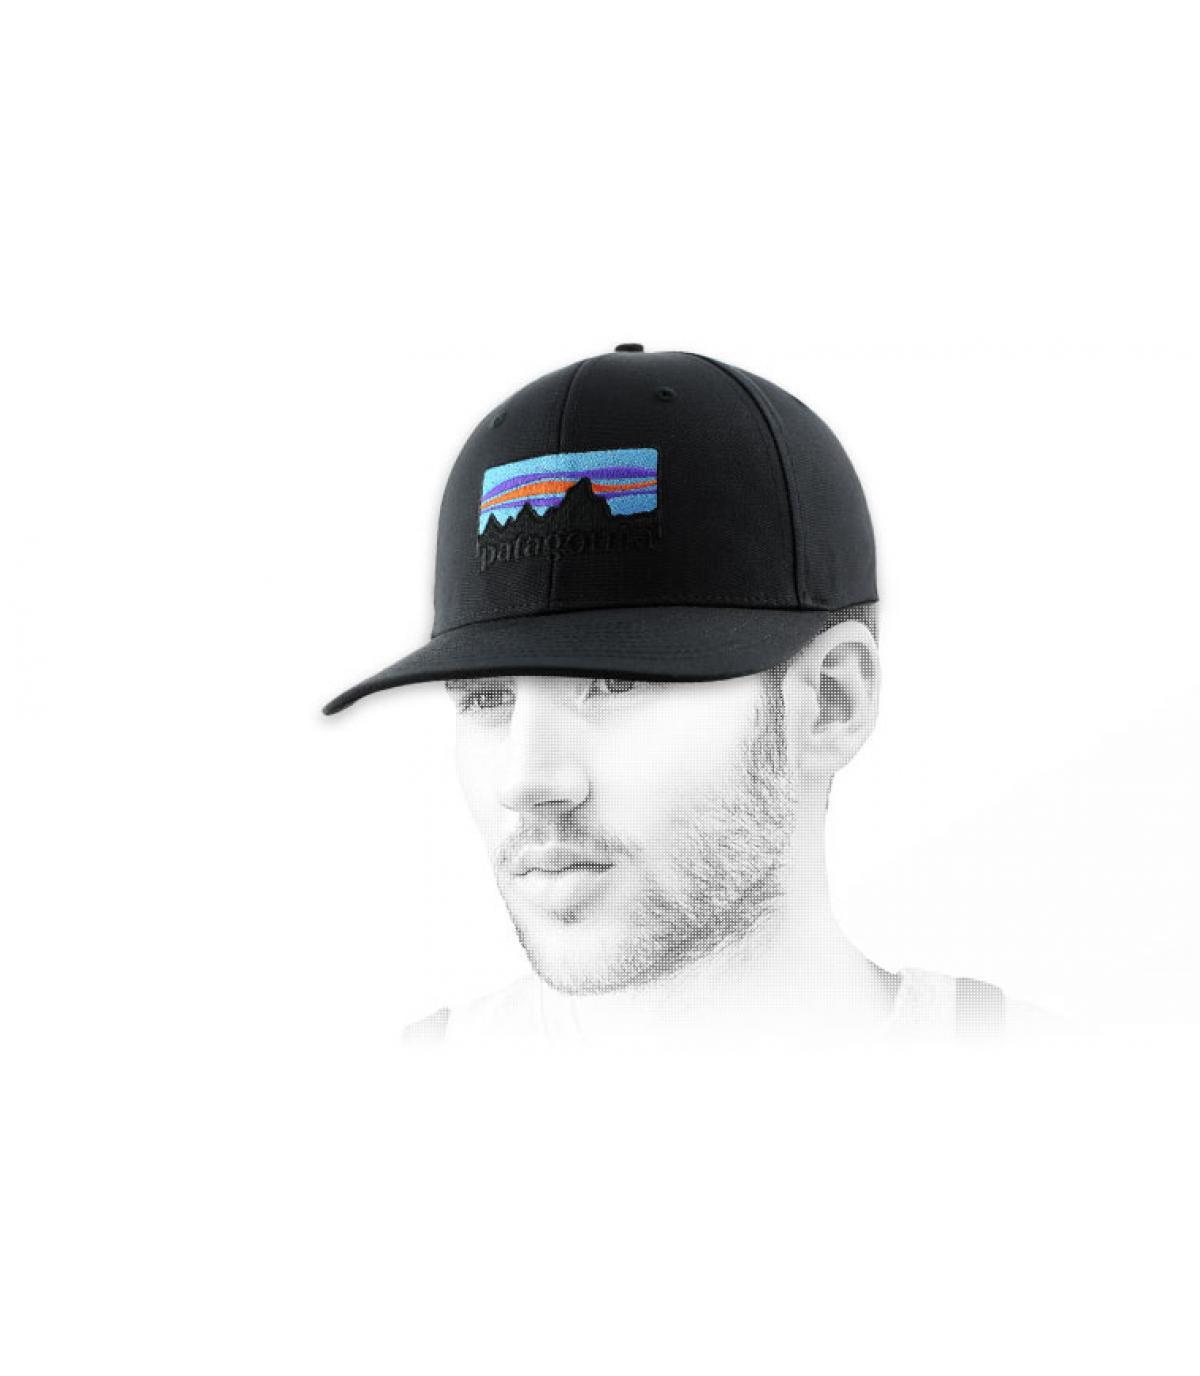 Patagonia black cap